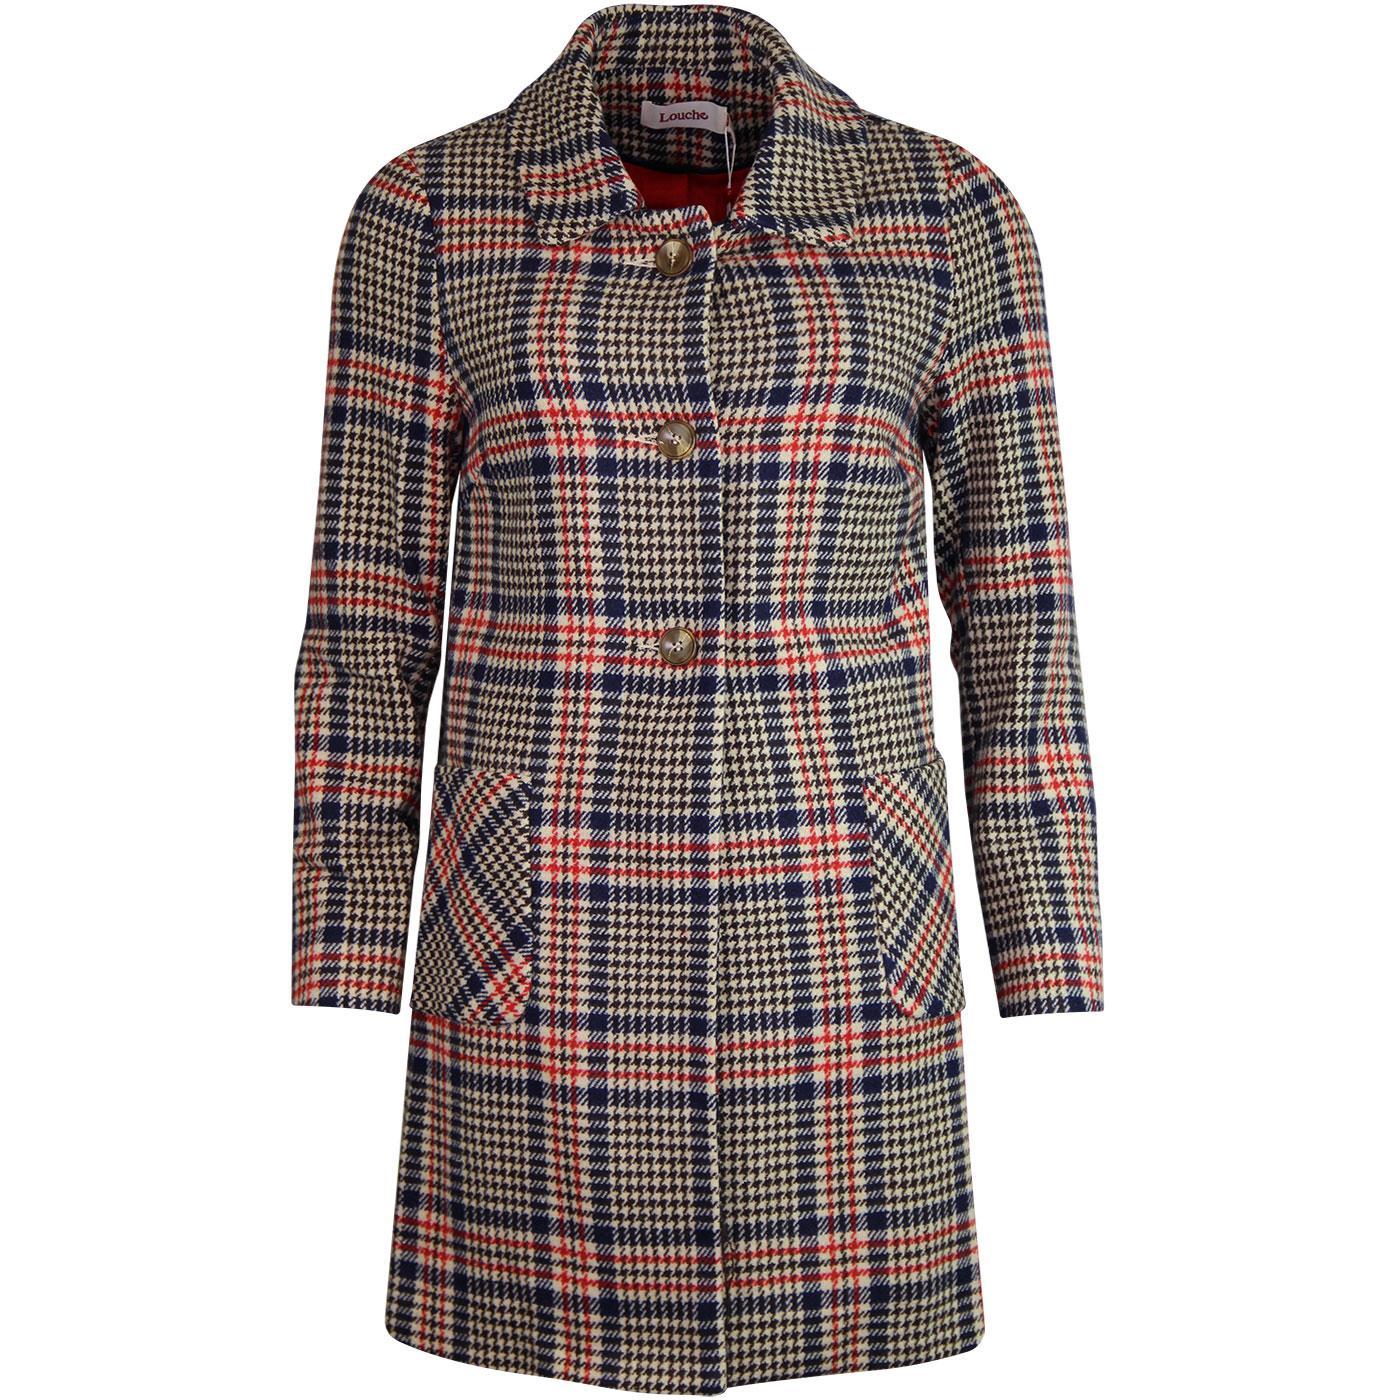 Dryden LOUCHE 1960s Retro Check Collared Coat